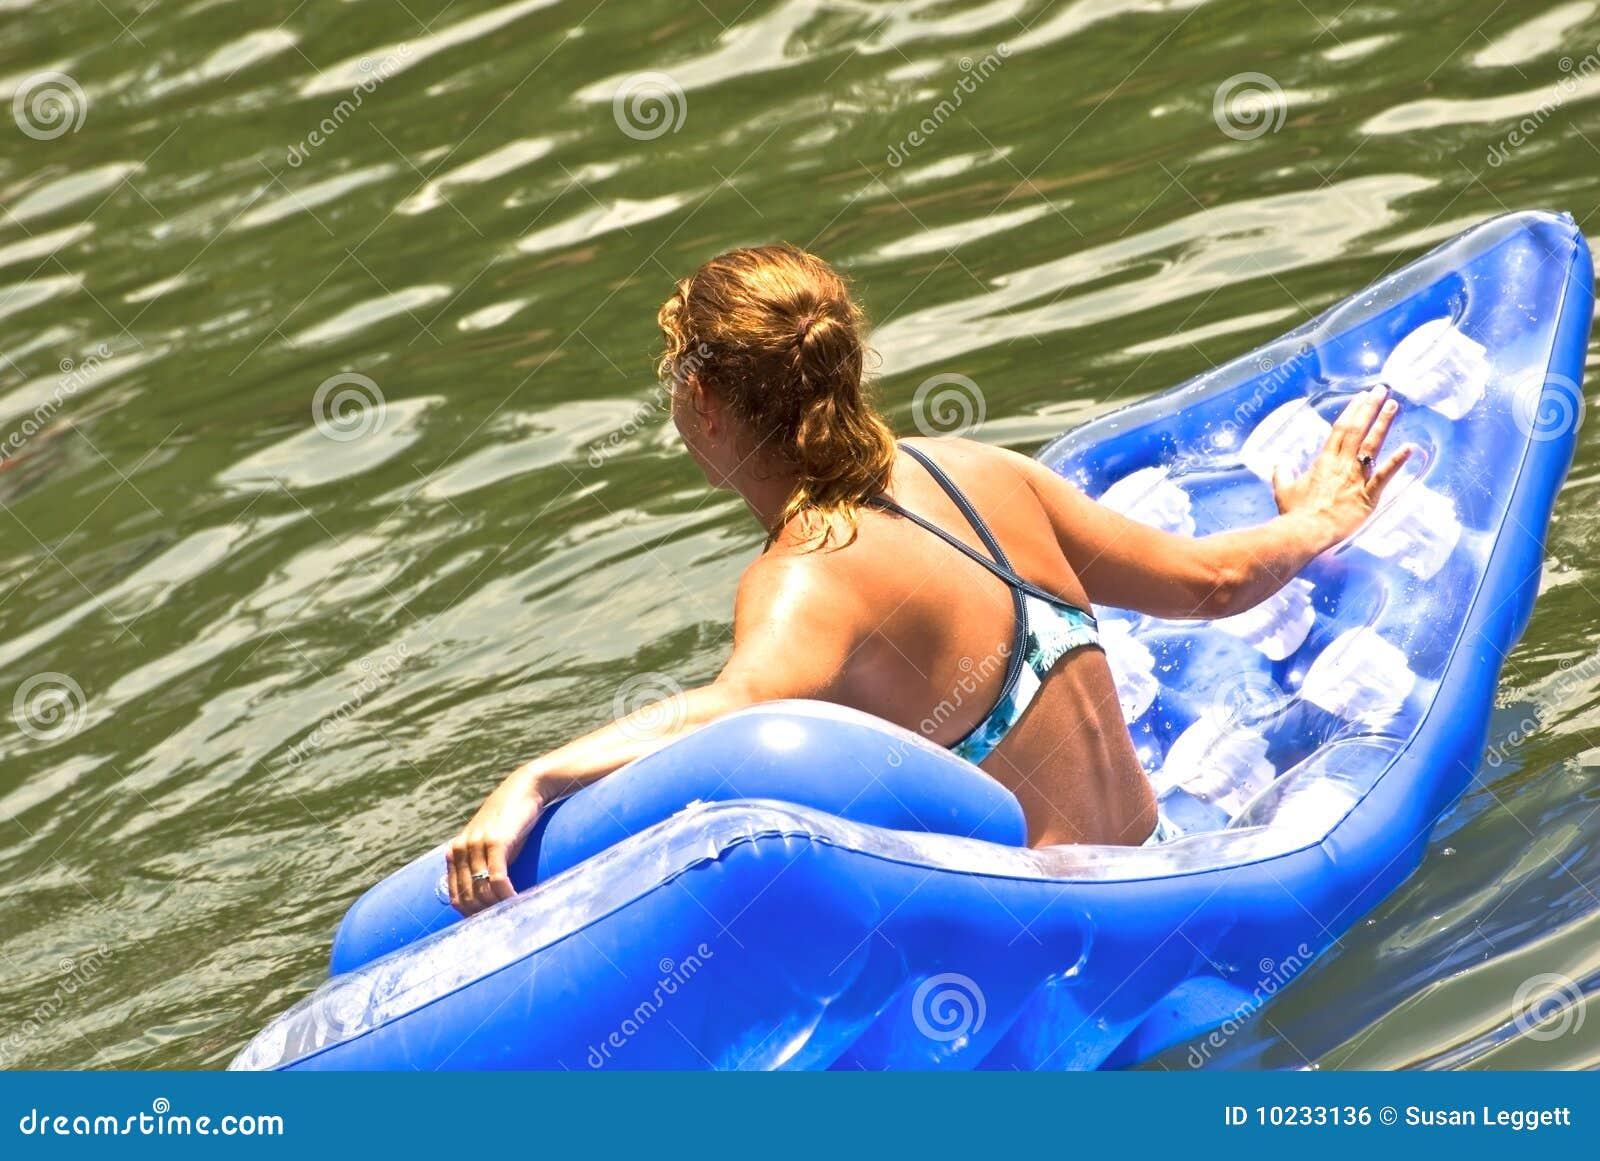 Floatkvinna